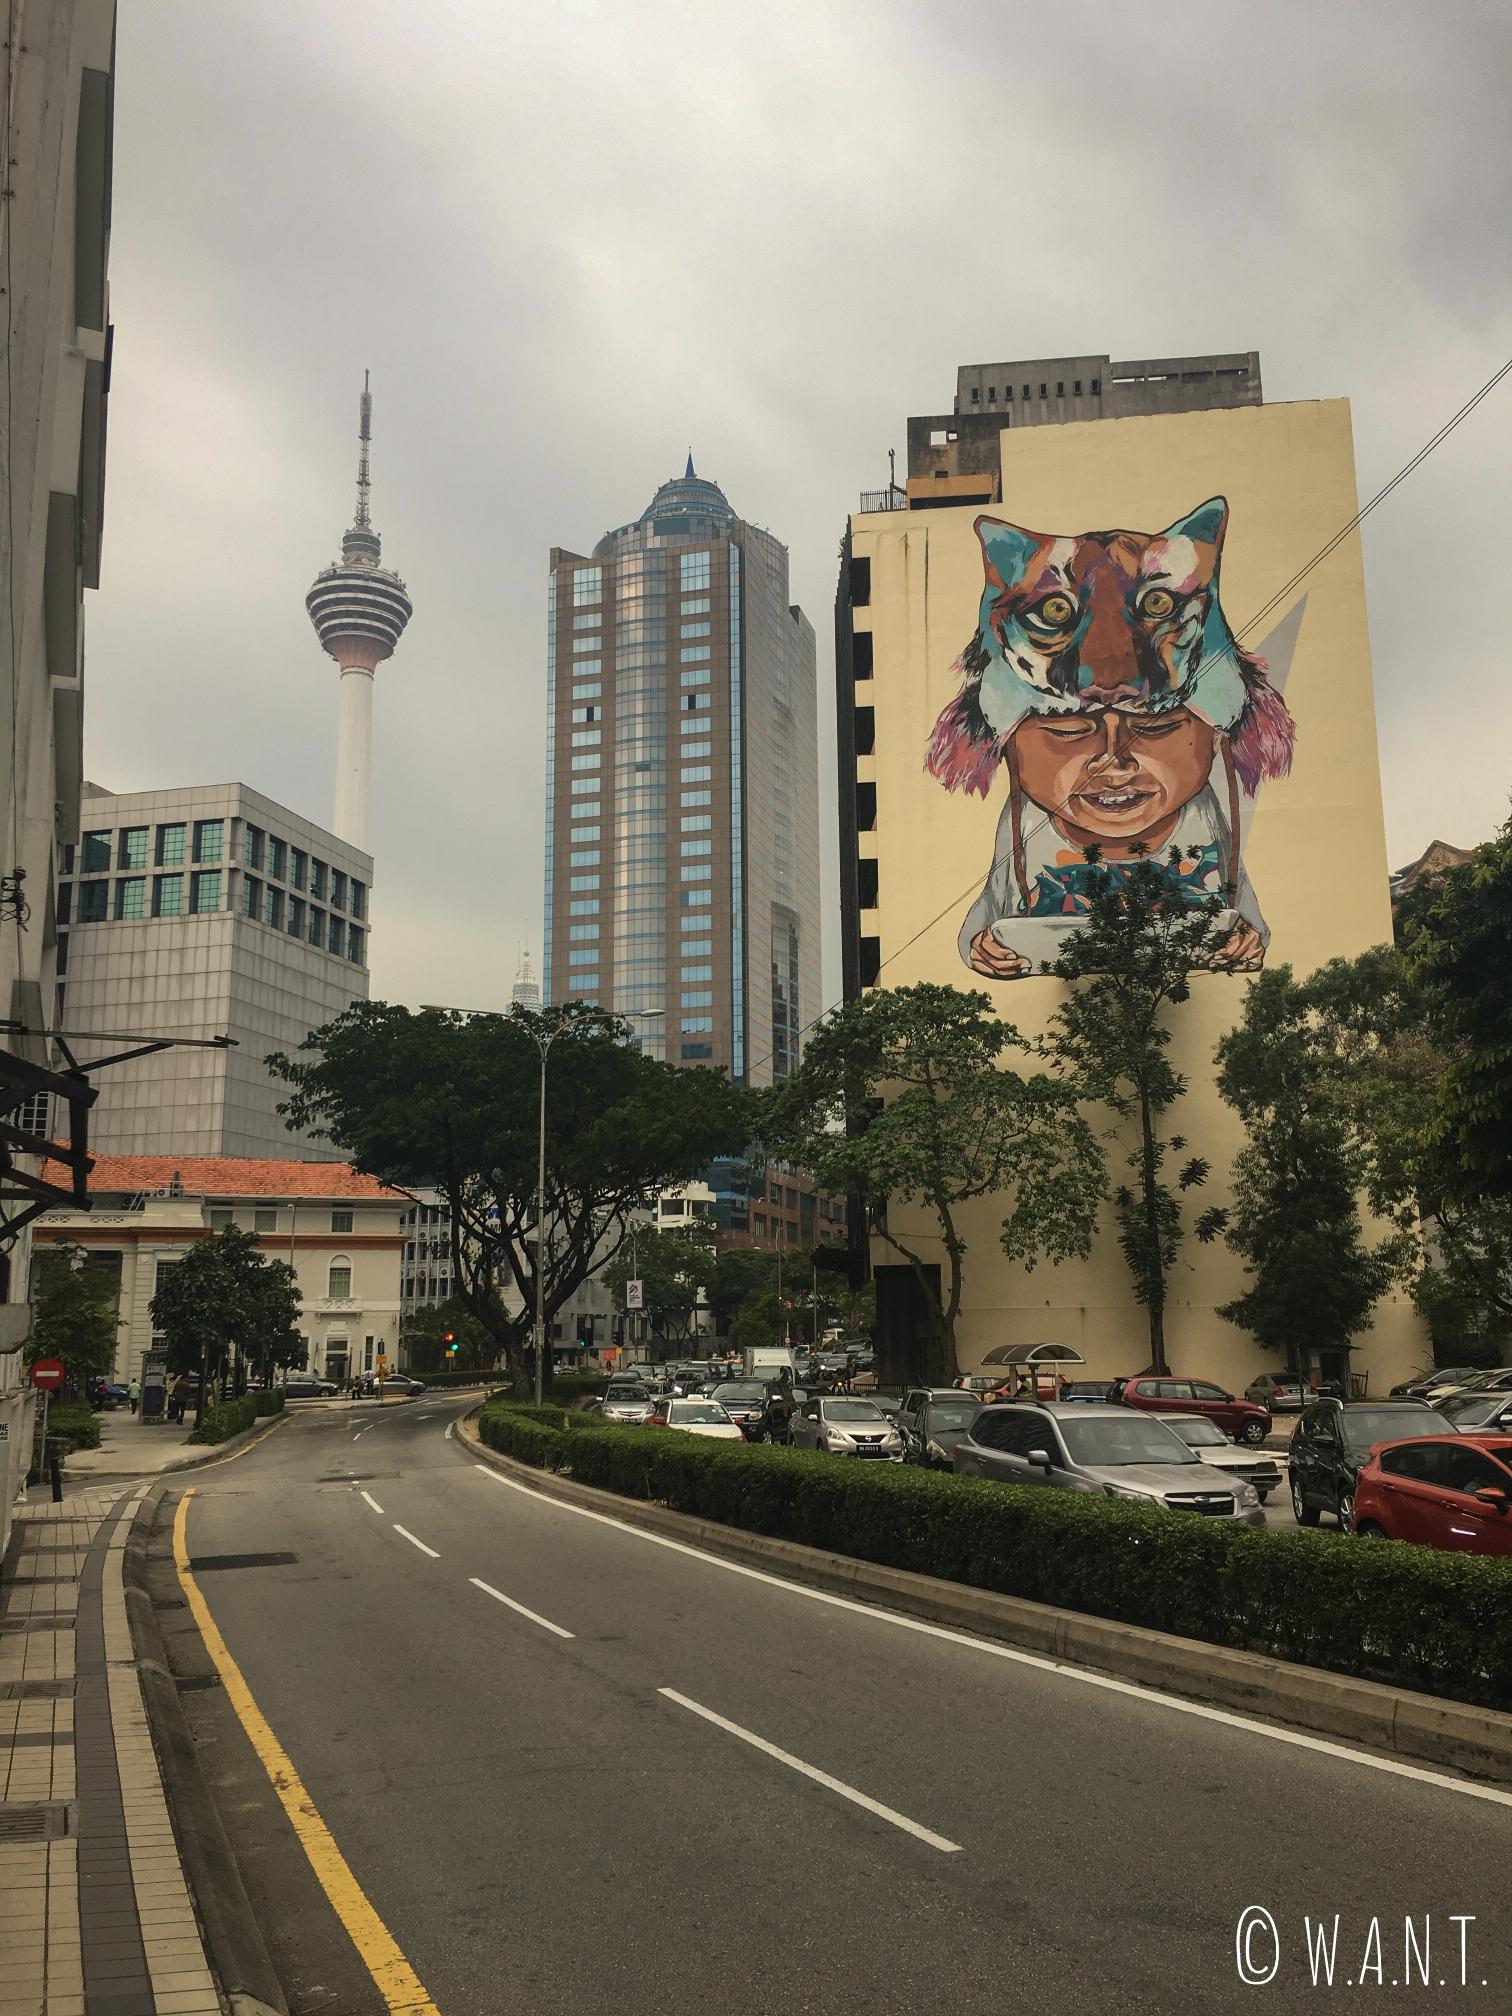 L'art de rue a aussi sa place dans les rues de Kuala Lumpur